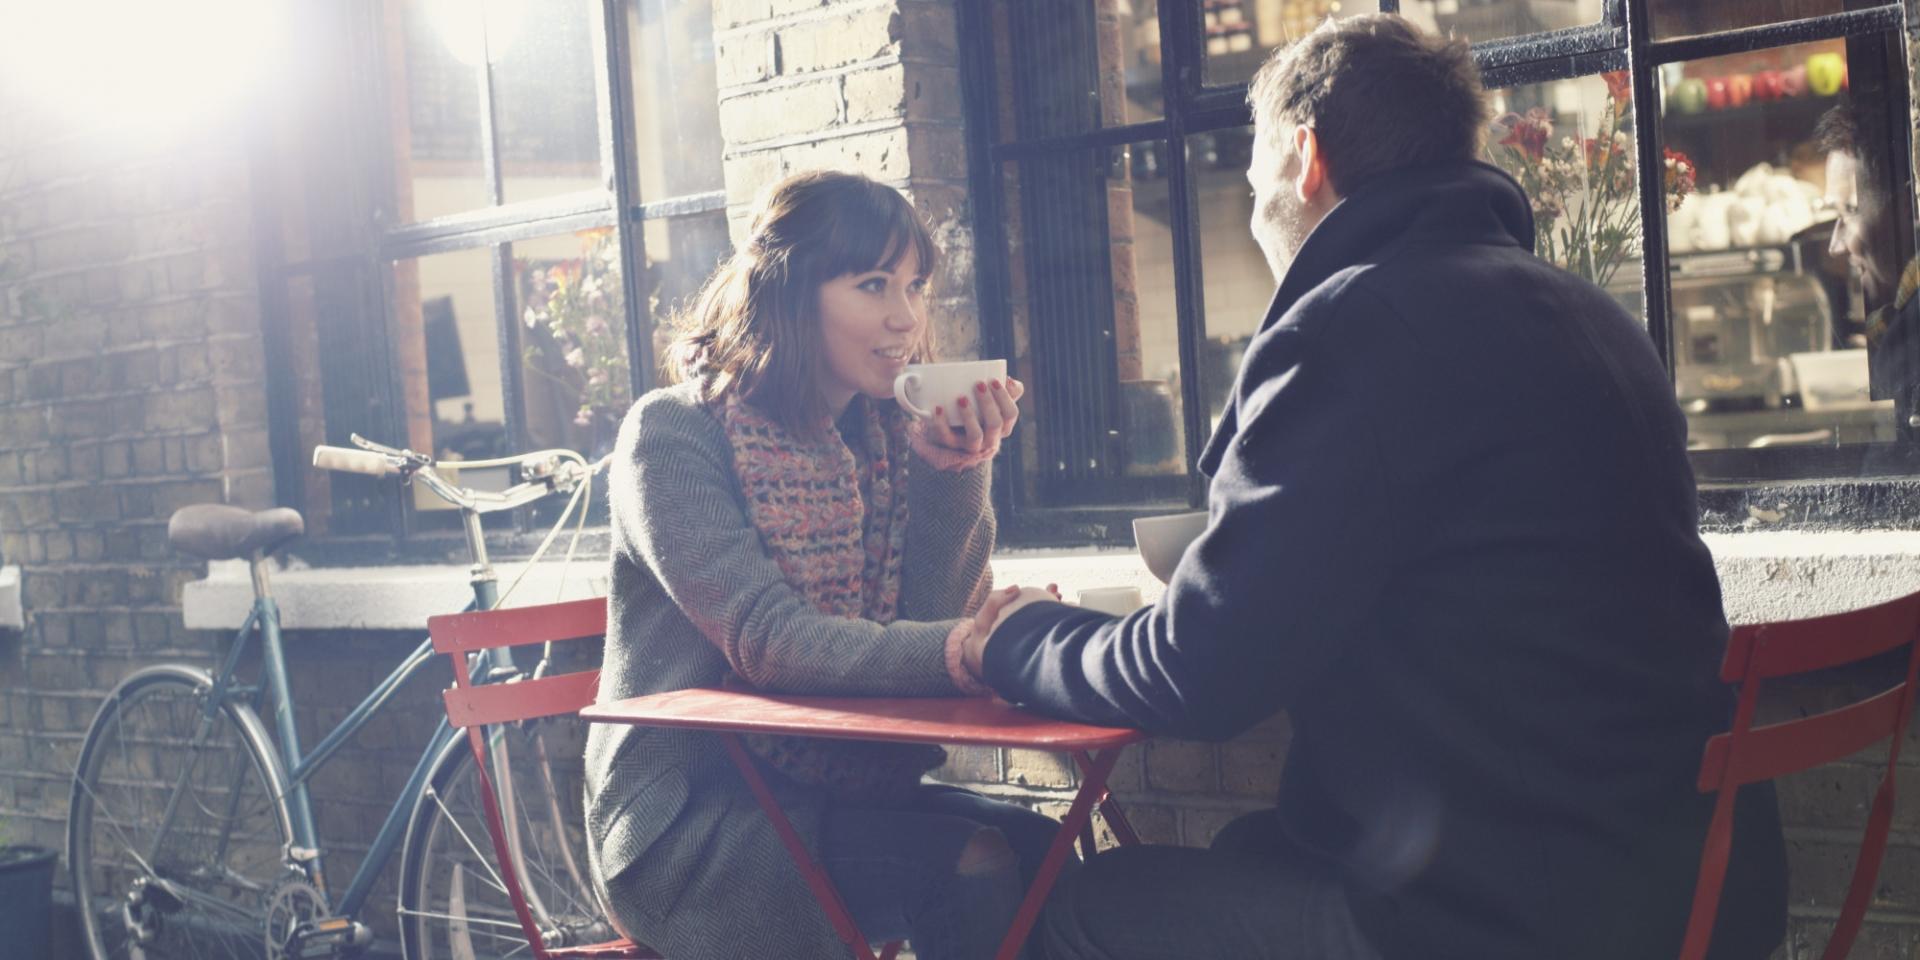 randevú-alkalmazások, például a tinder ausztrália